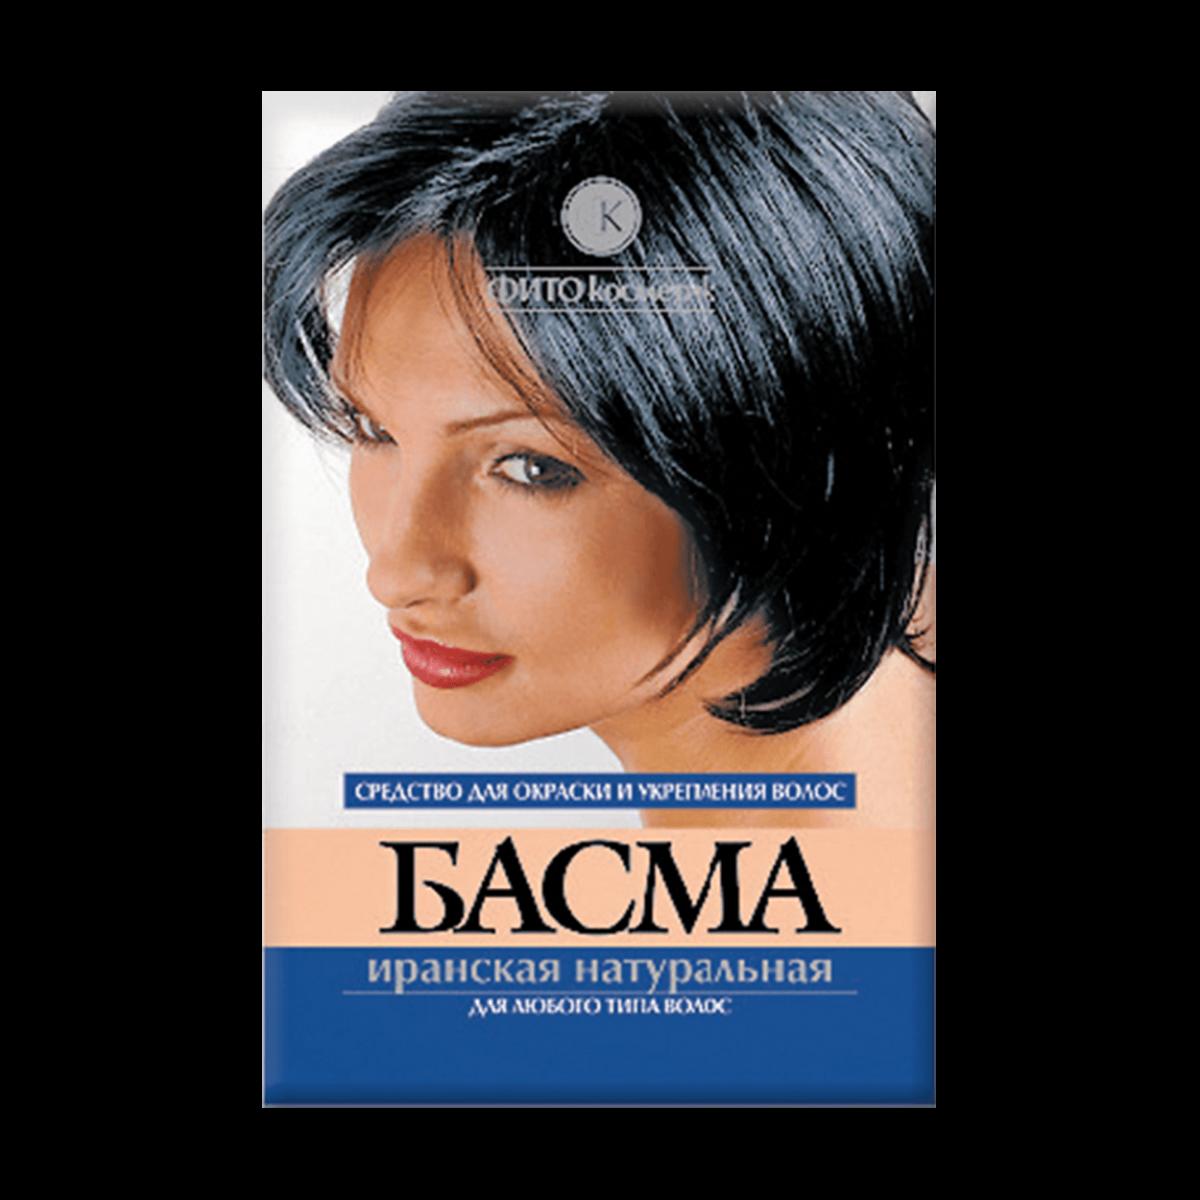 Как приготовить краску для волос басму